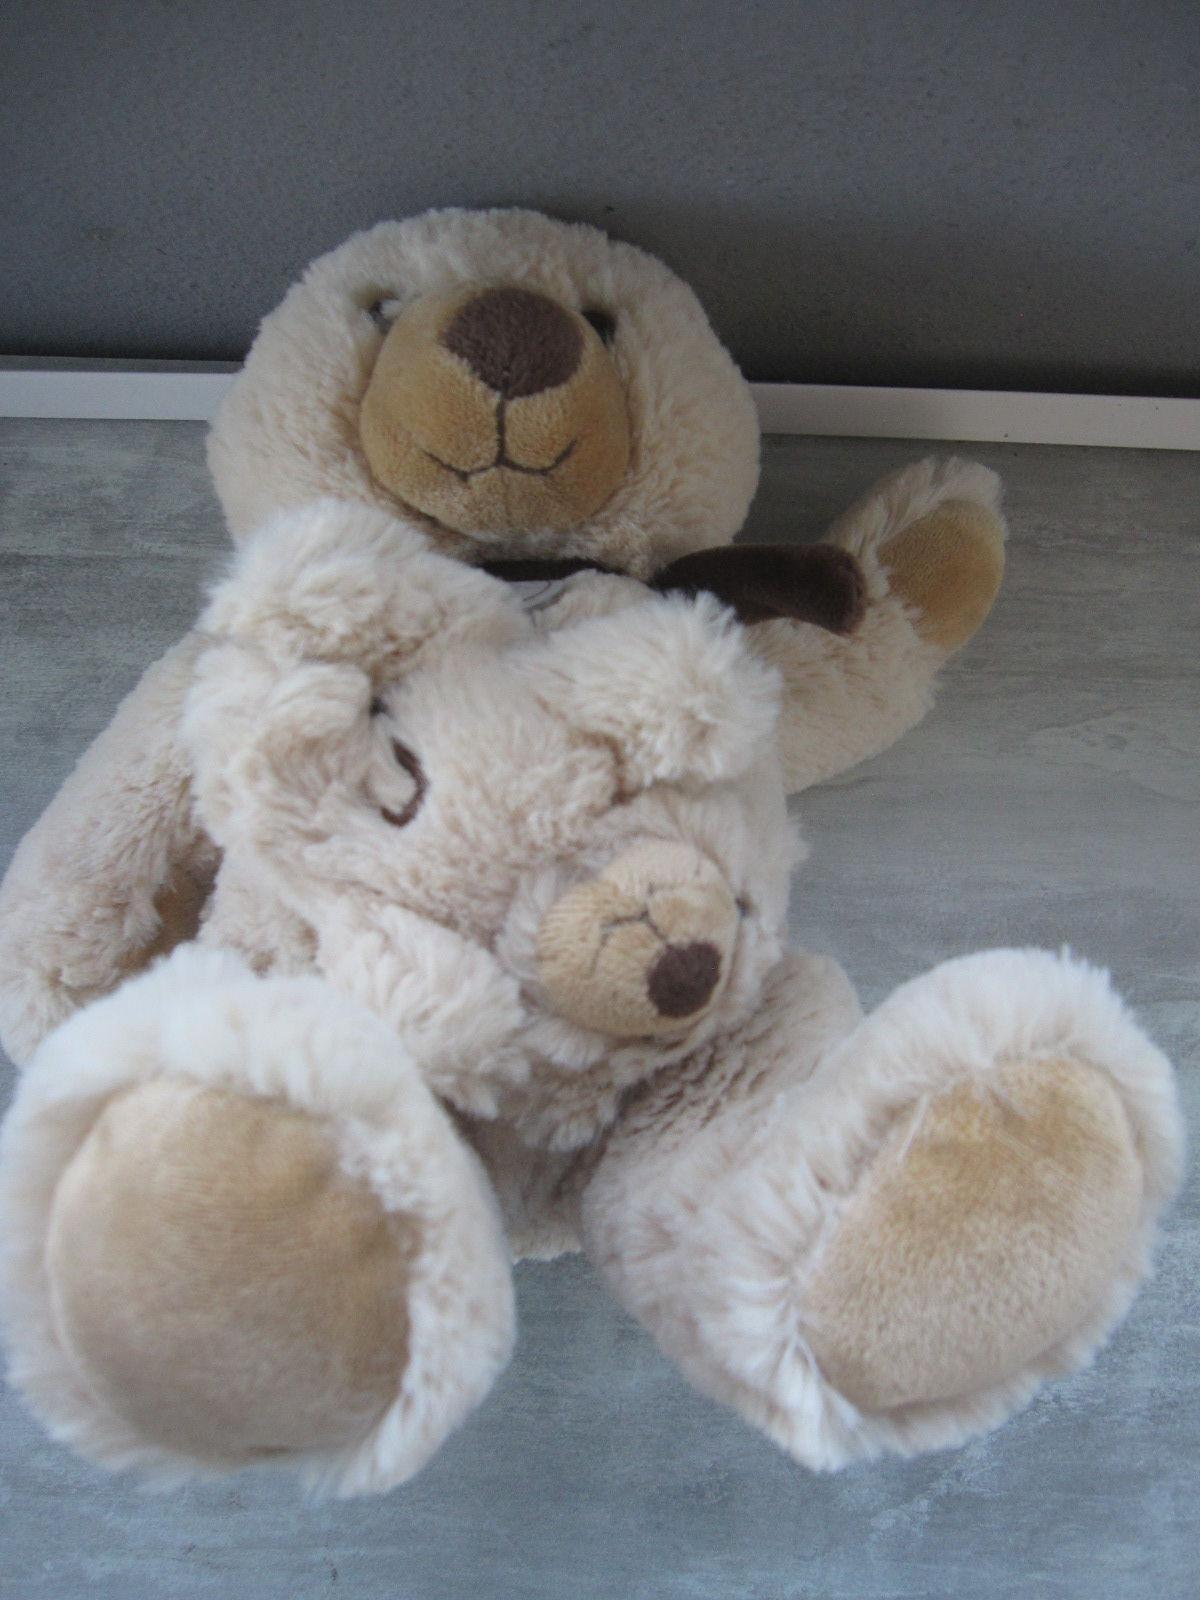 ourson babynat et son bébé boîte à musique 25cm 10 Saint-Jean-Pla-de-Corts (66)